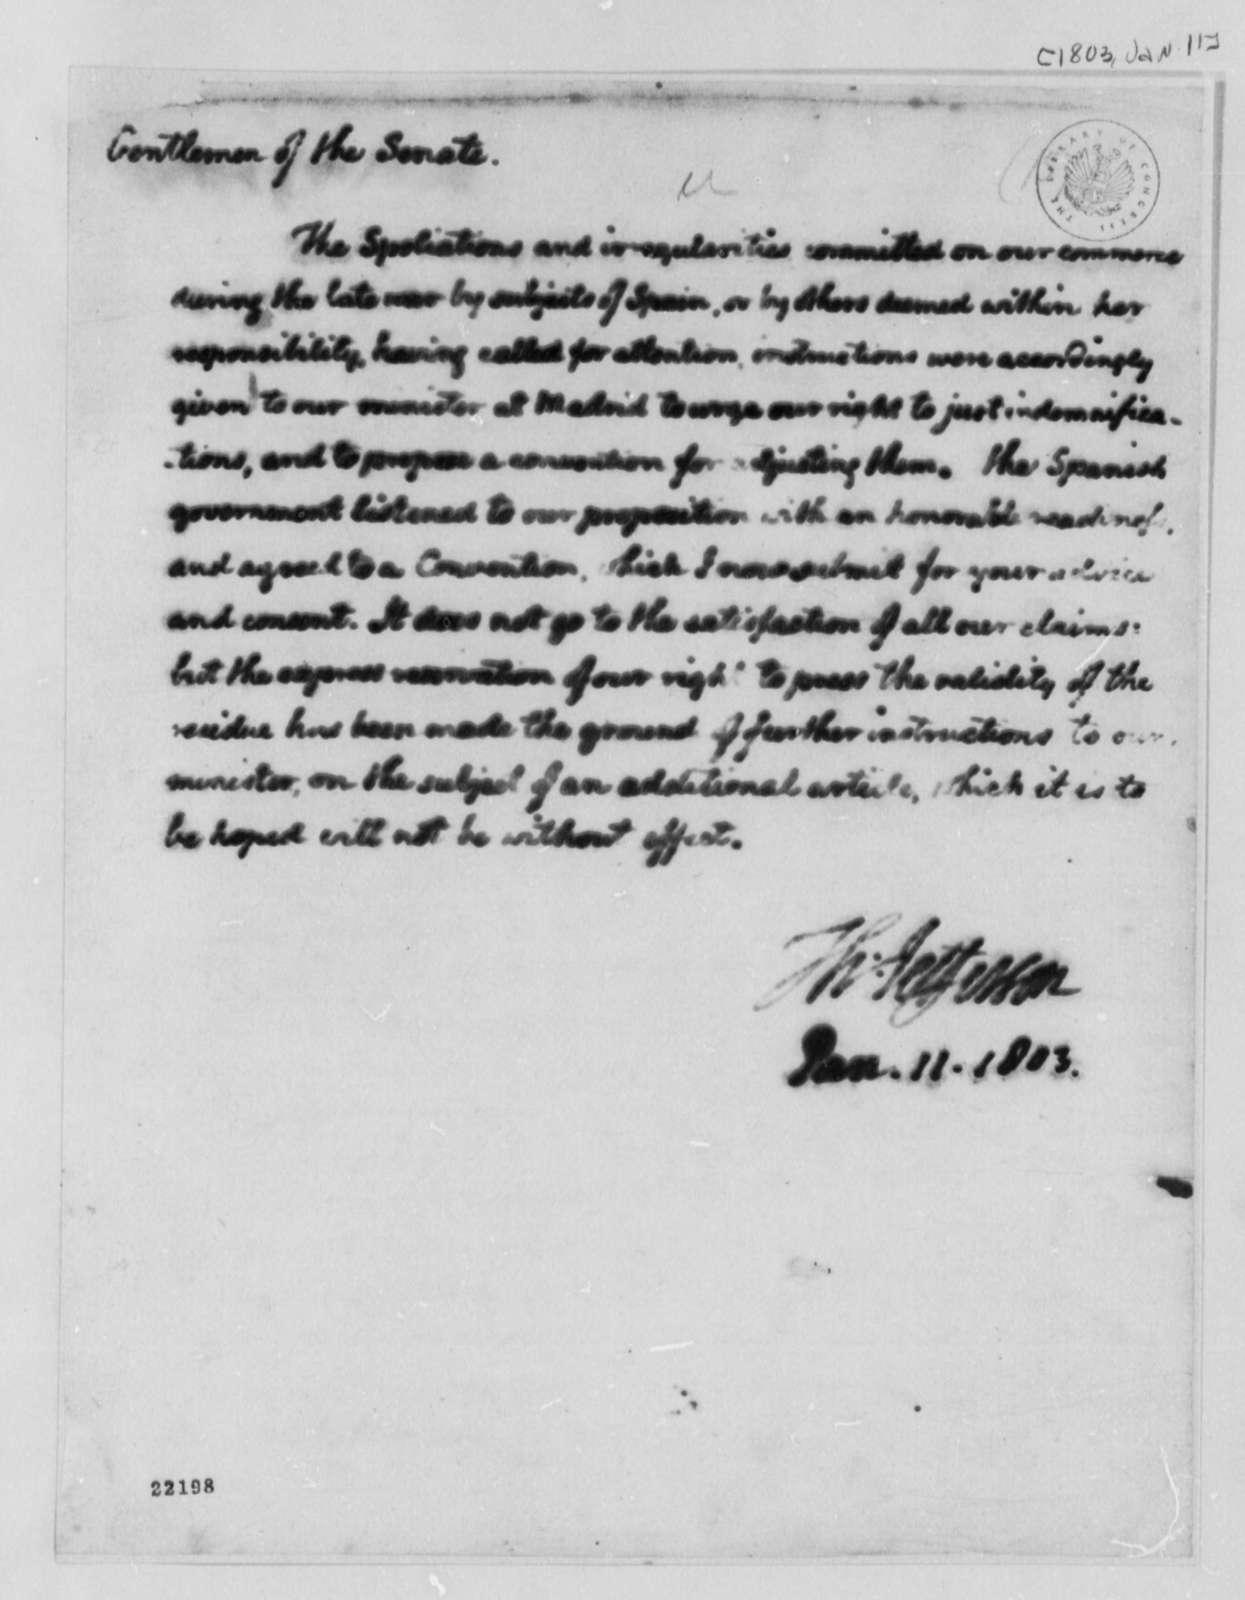 Thomas Jefferson to Senate, January 11, 1803